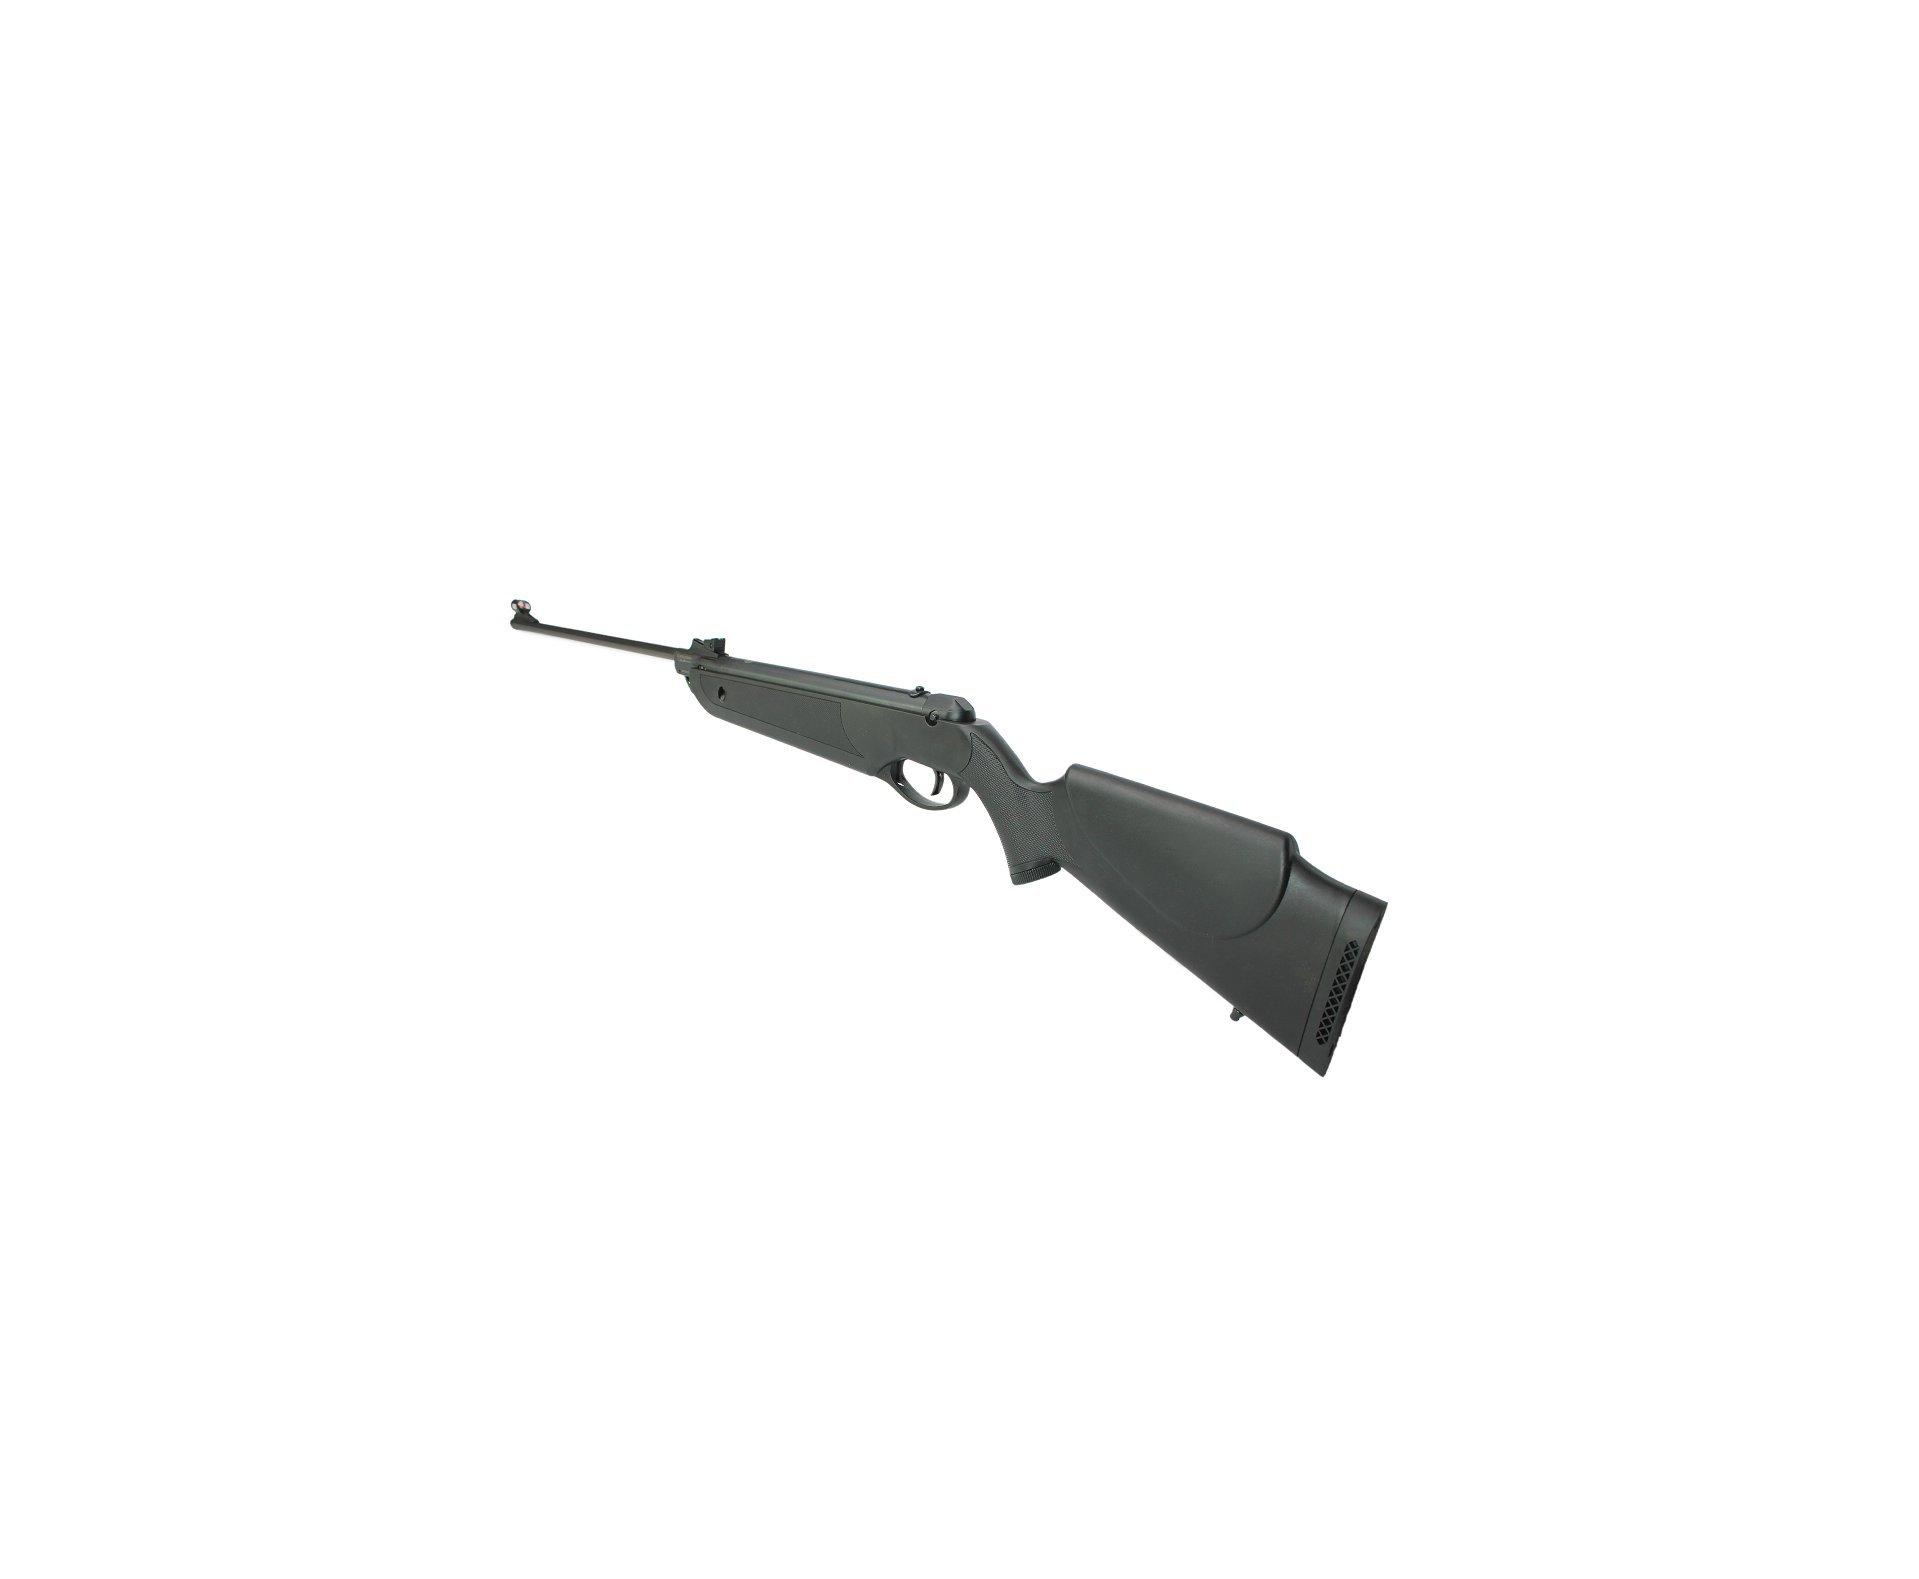 Carabina De Pressão Nova Dione Black Cal 5,5mm - 3° Geração Rossi + Luneta 4x20 + Chumbinhos + Capa 45